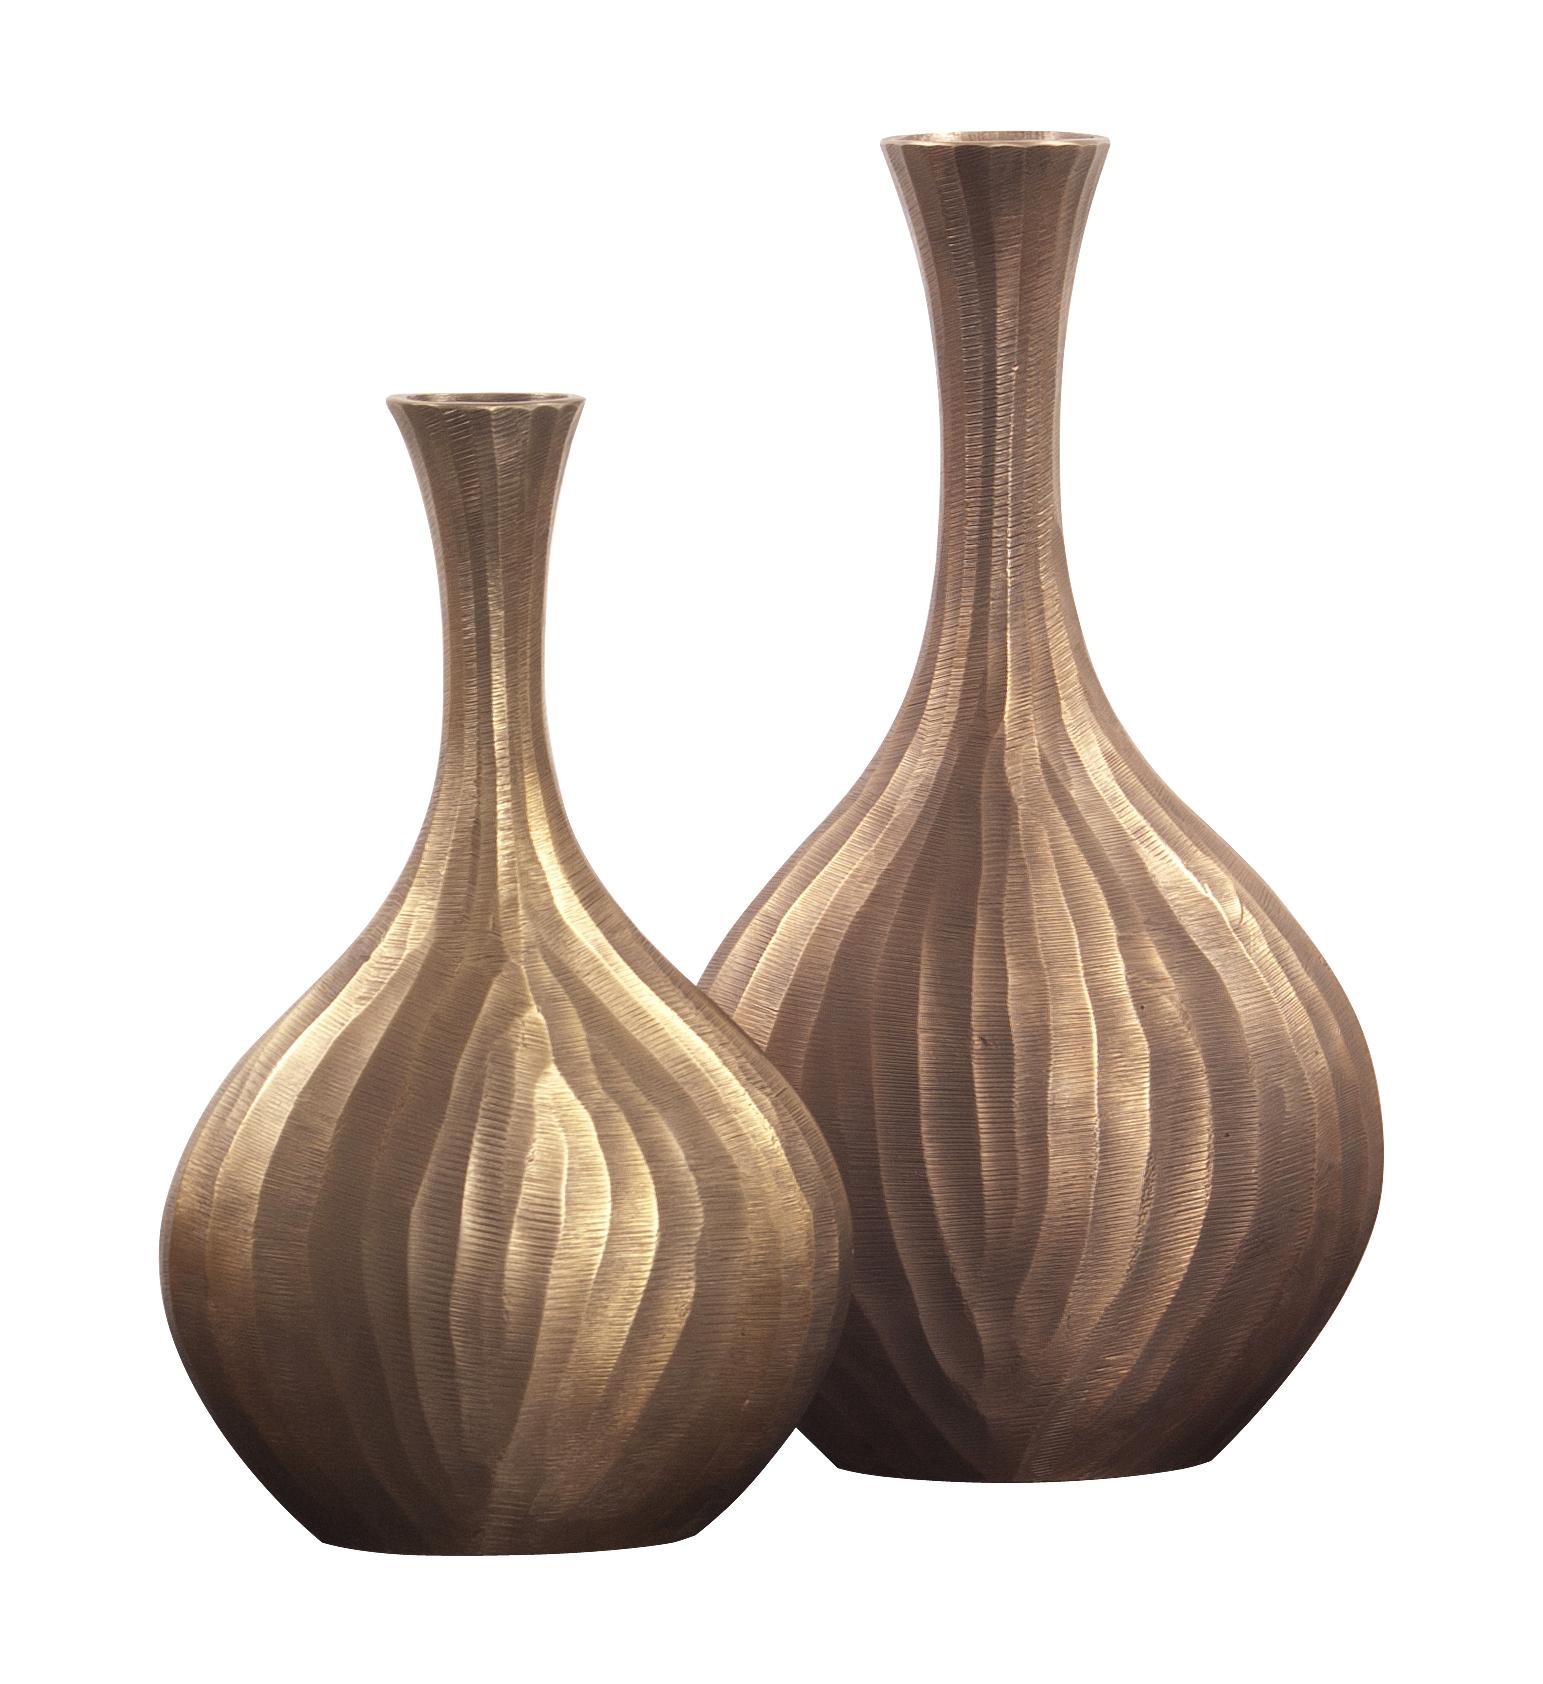 Chiseled Metal Bottles Click Image for Details